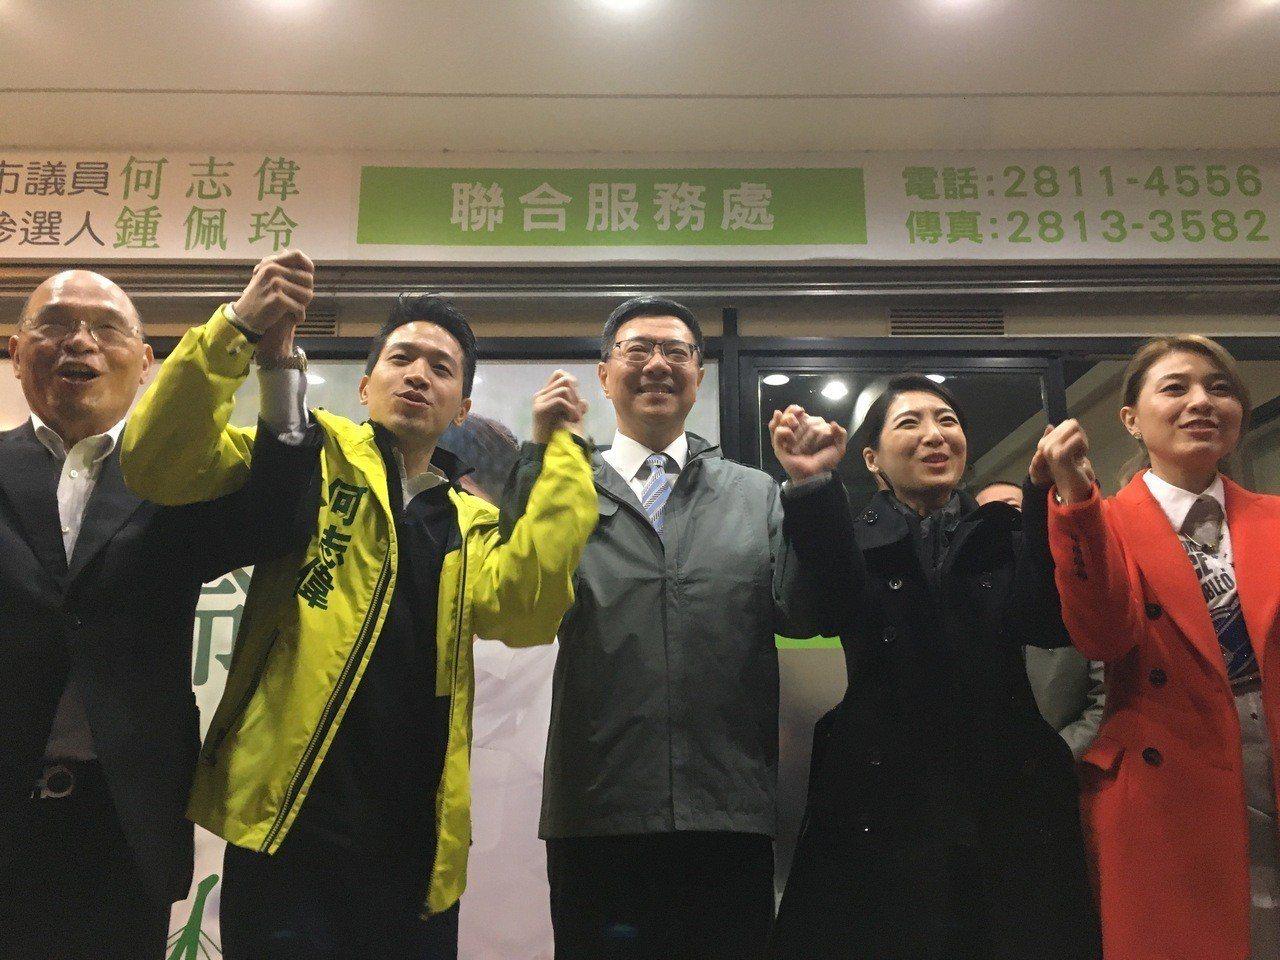 台北市士林大同區立委補選,新任民進黨主席卓榮泰今天結束黨內就職典禮,隨即趕赴參選...